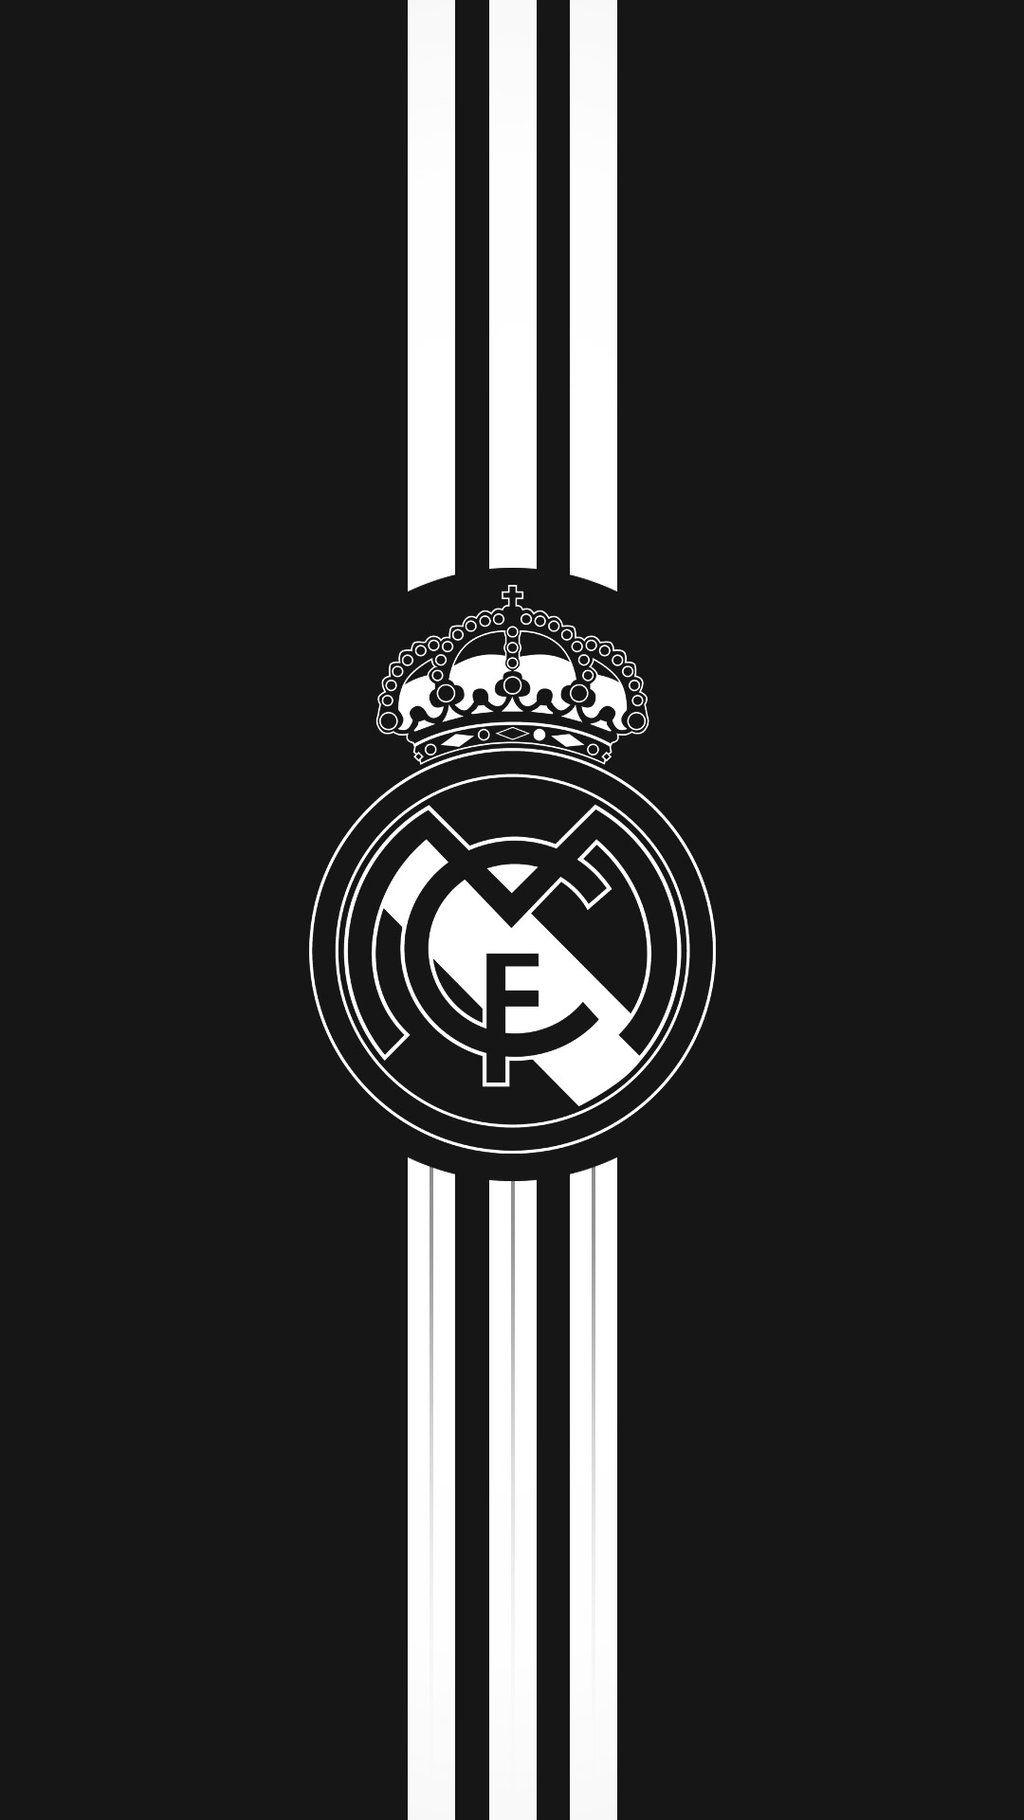 Real Madrid Ronaldo Real Madrid Fondos Del Real